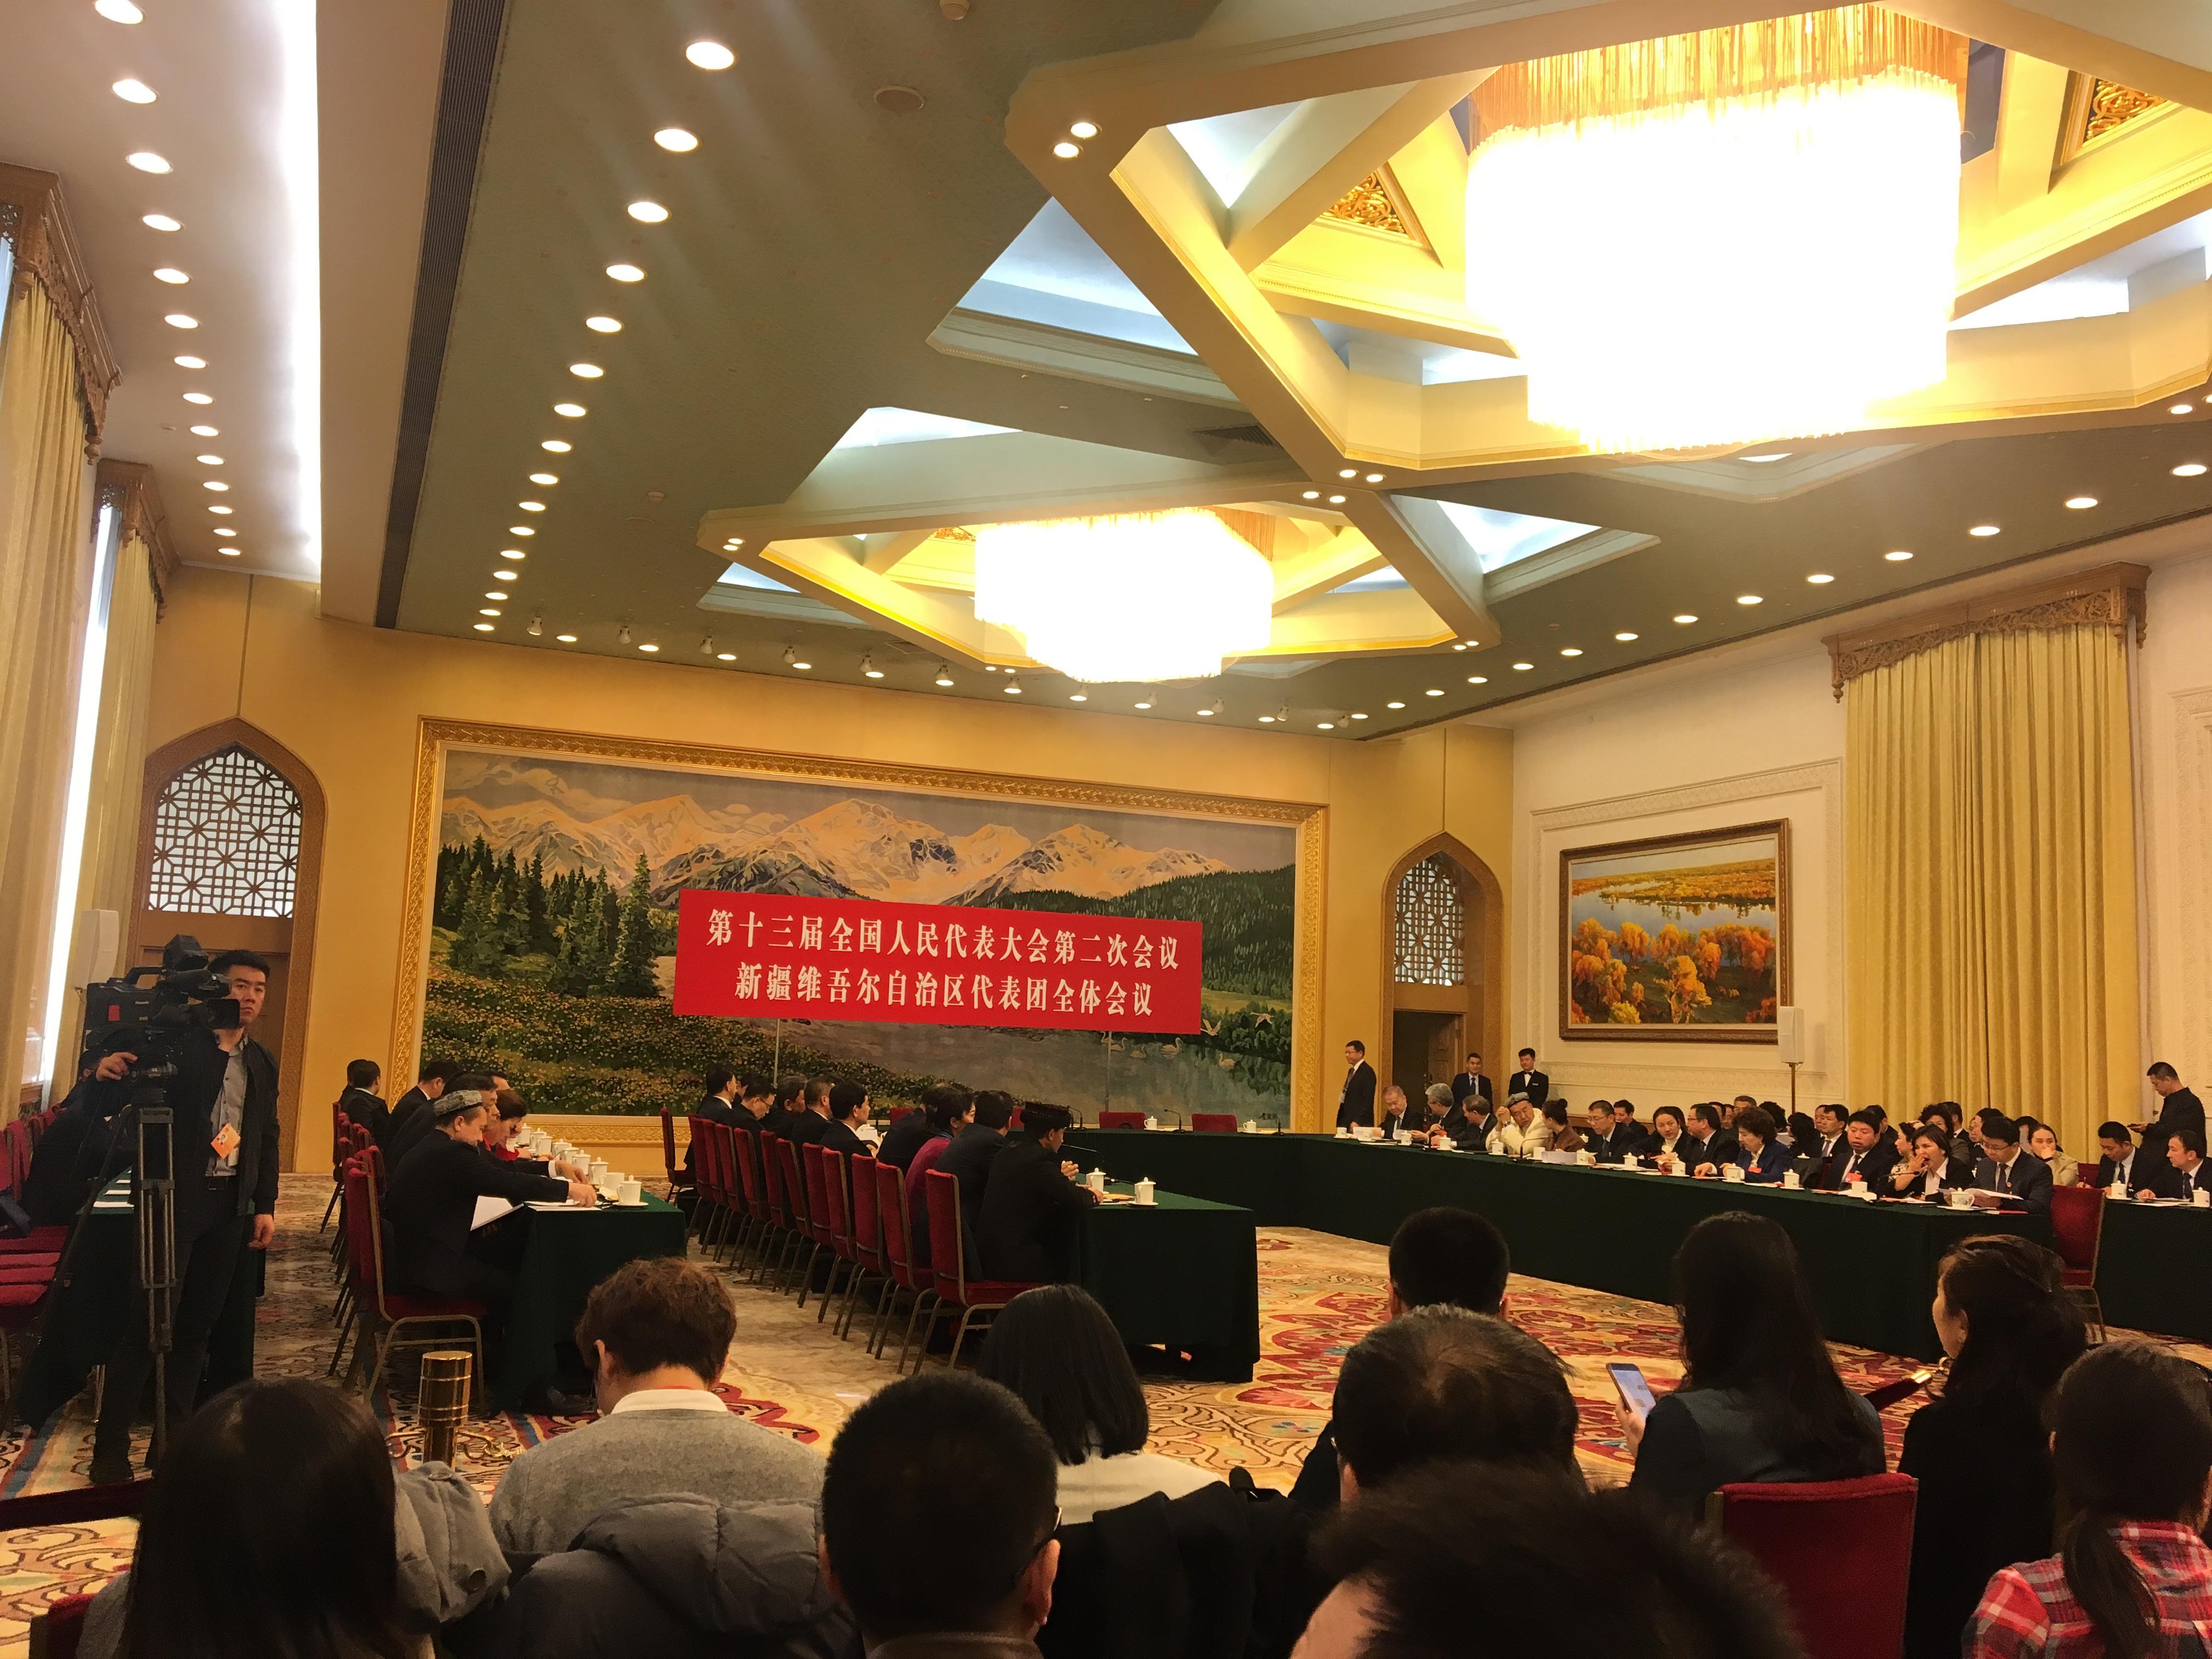 新疆维吾尔自治区代表团全体会议即将开始